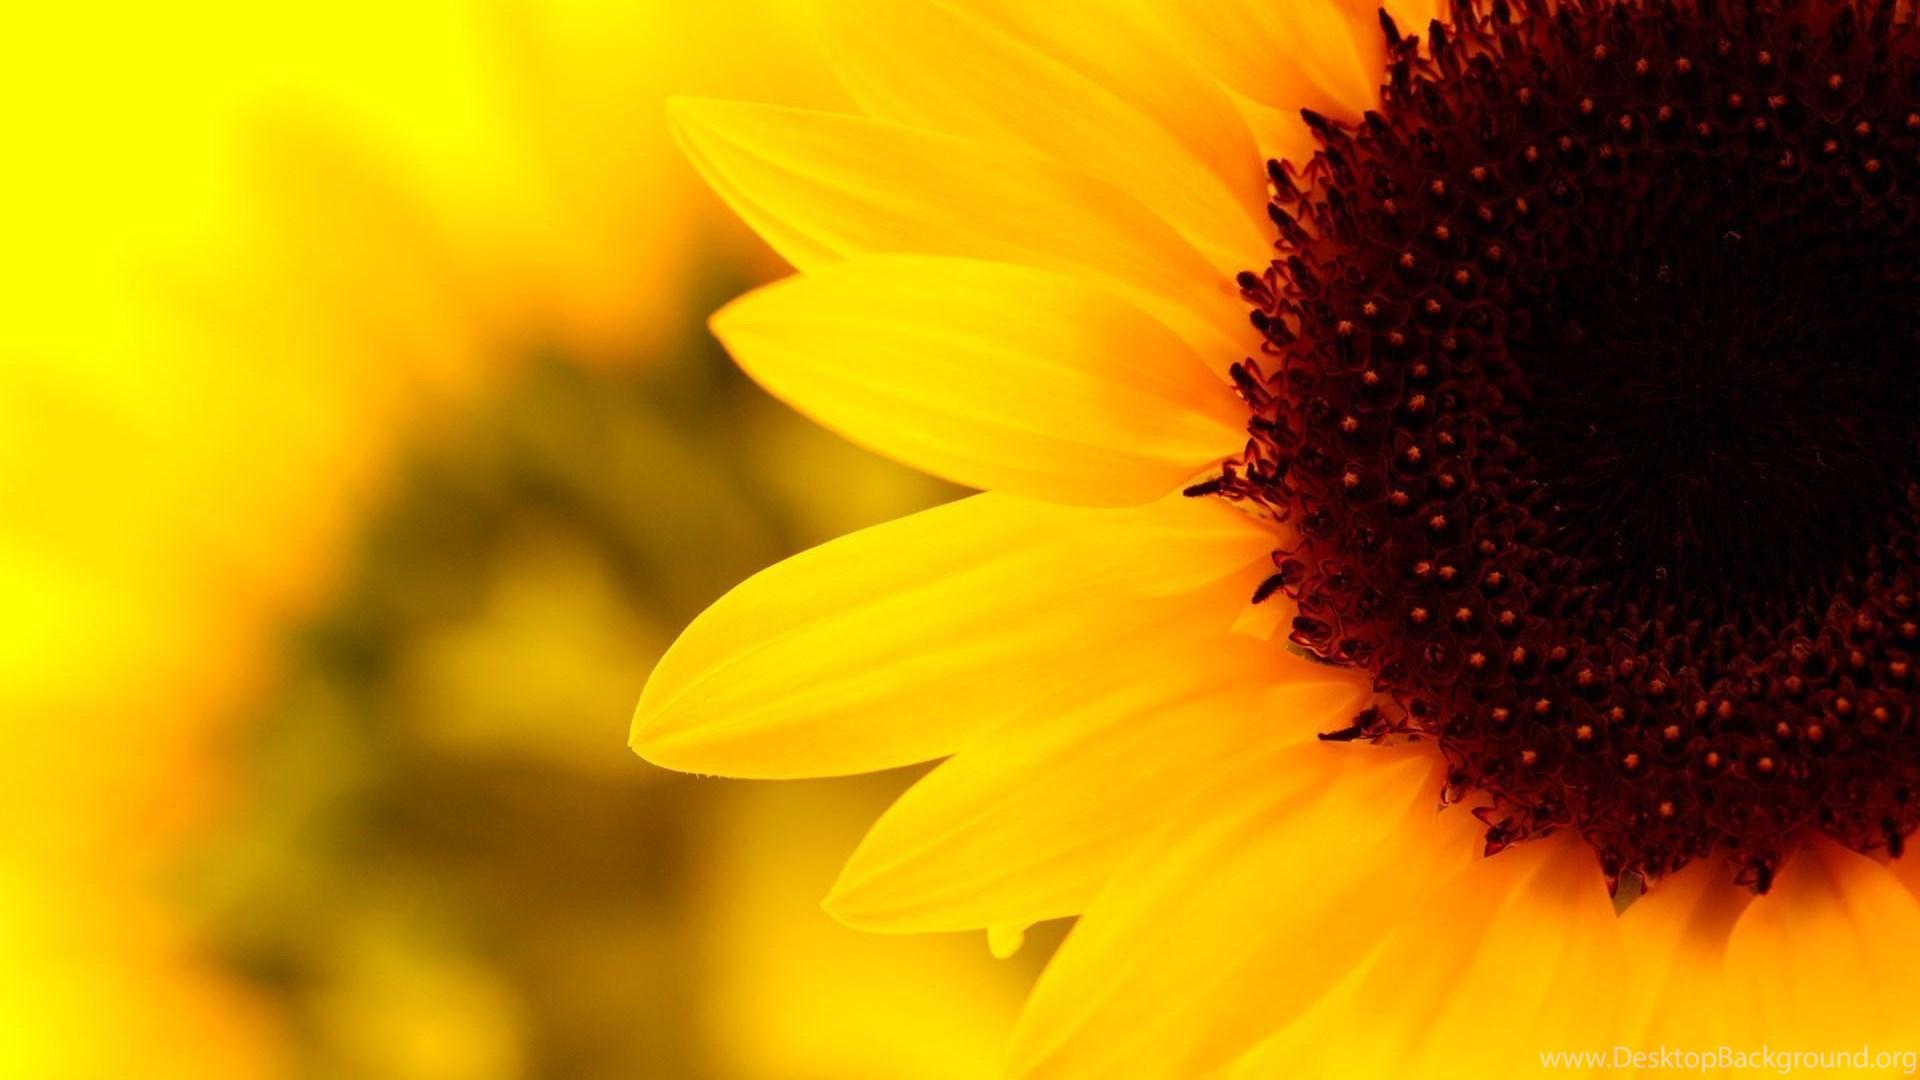 21605) Sunflower Tumblr Desktop Wallpapers WalOps.com ...